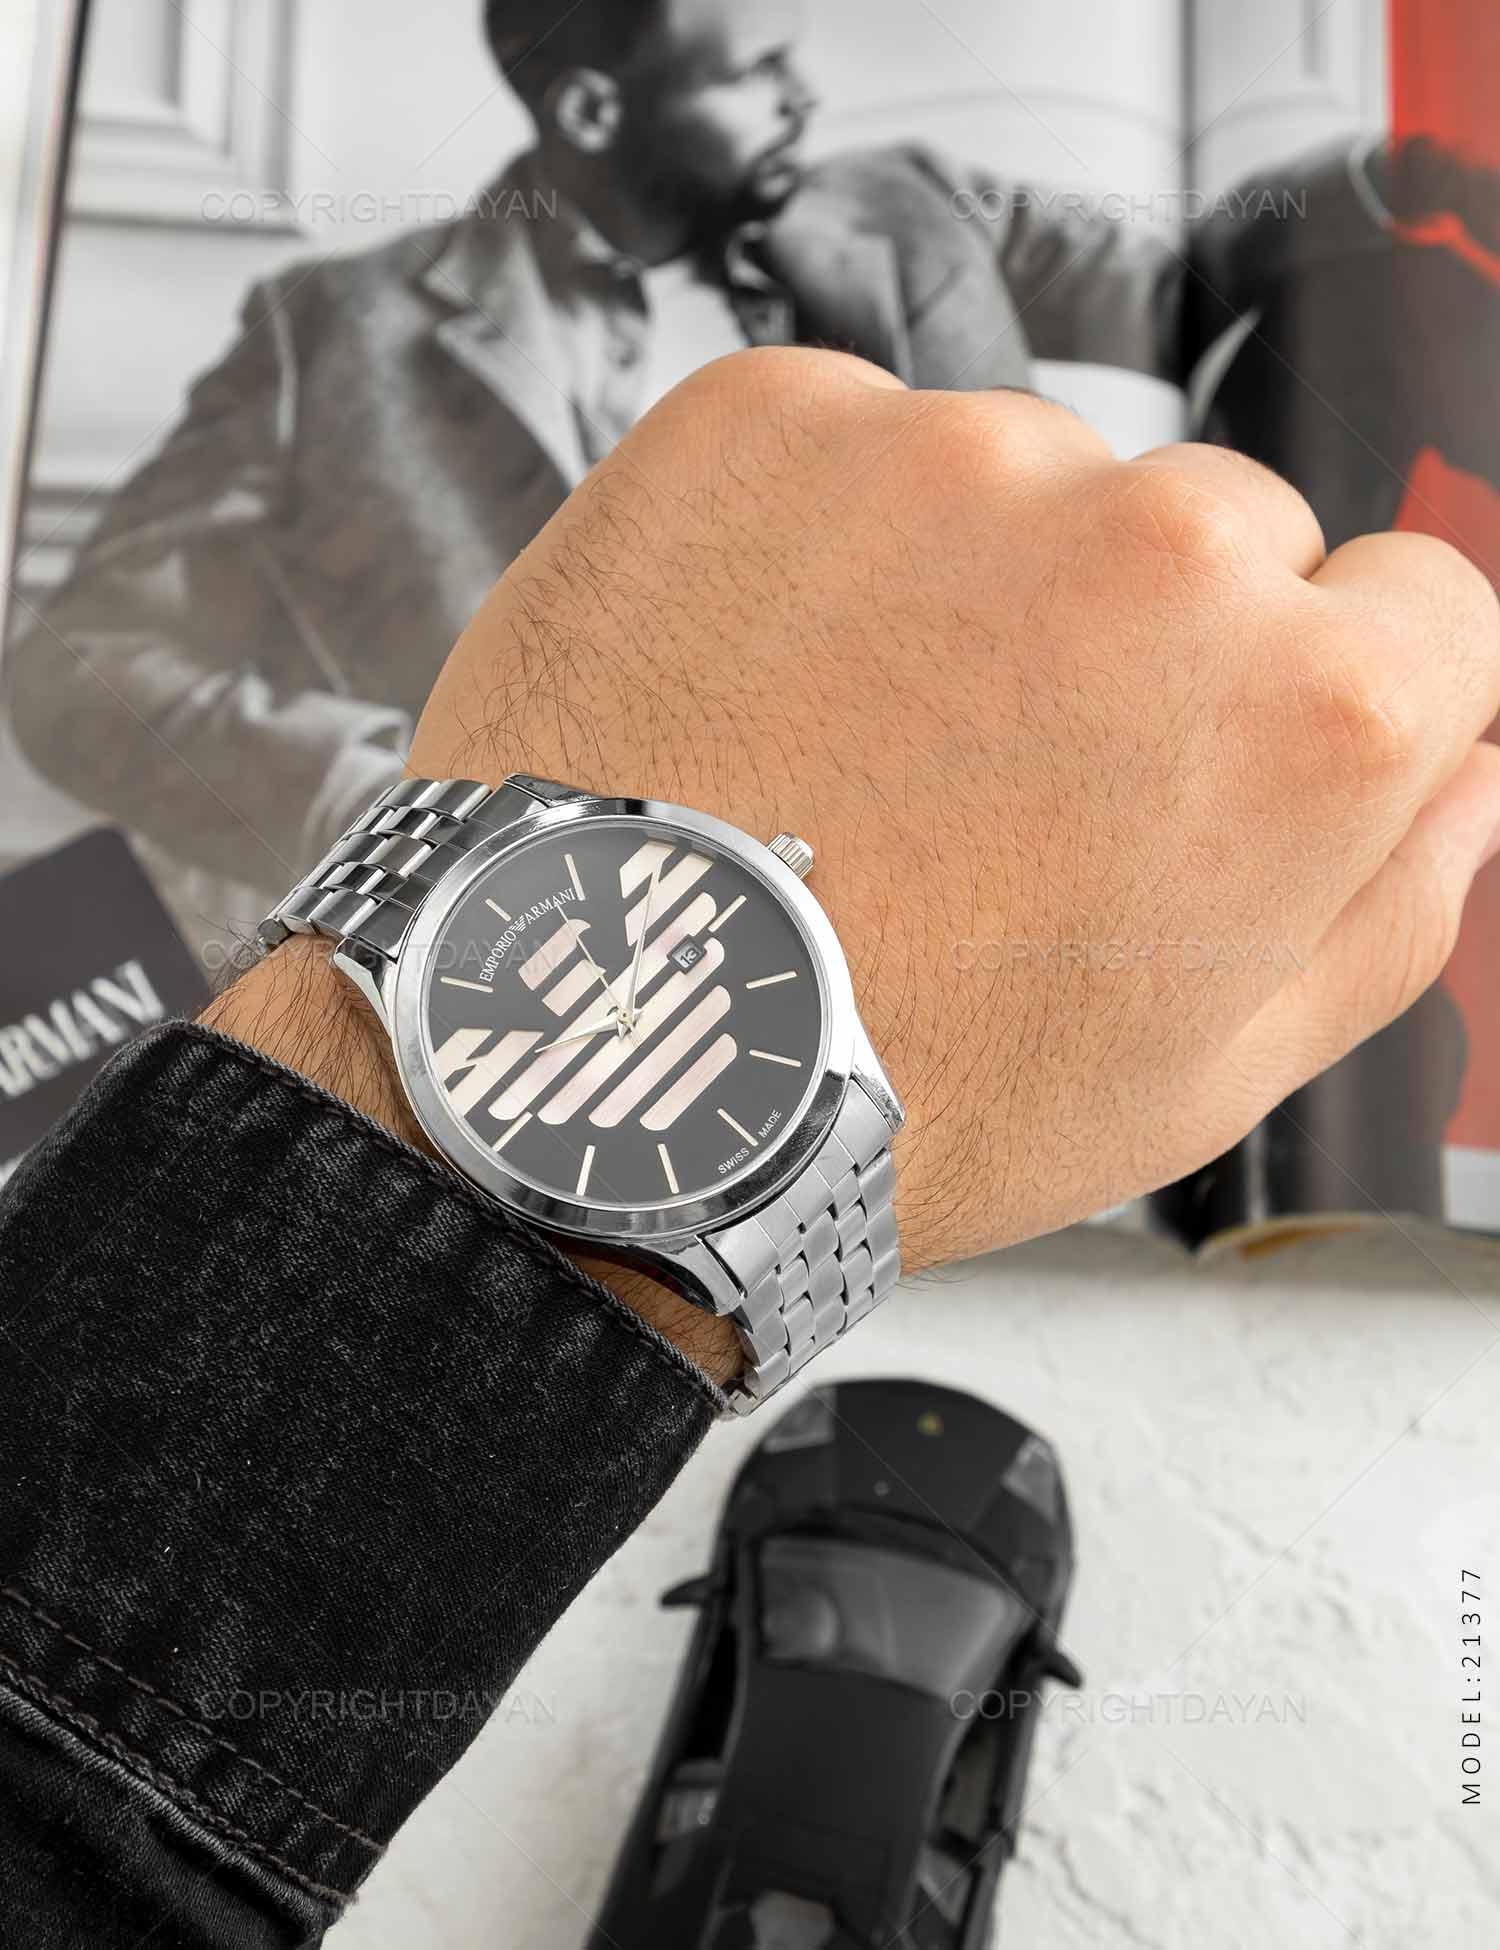 ساعت مچی مردانه Emporio Armani مدل 21377 ساعت مچی مردانه Emporio Armani مدل 21377 169,000 تومان